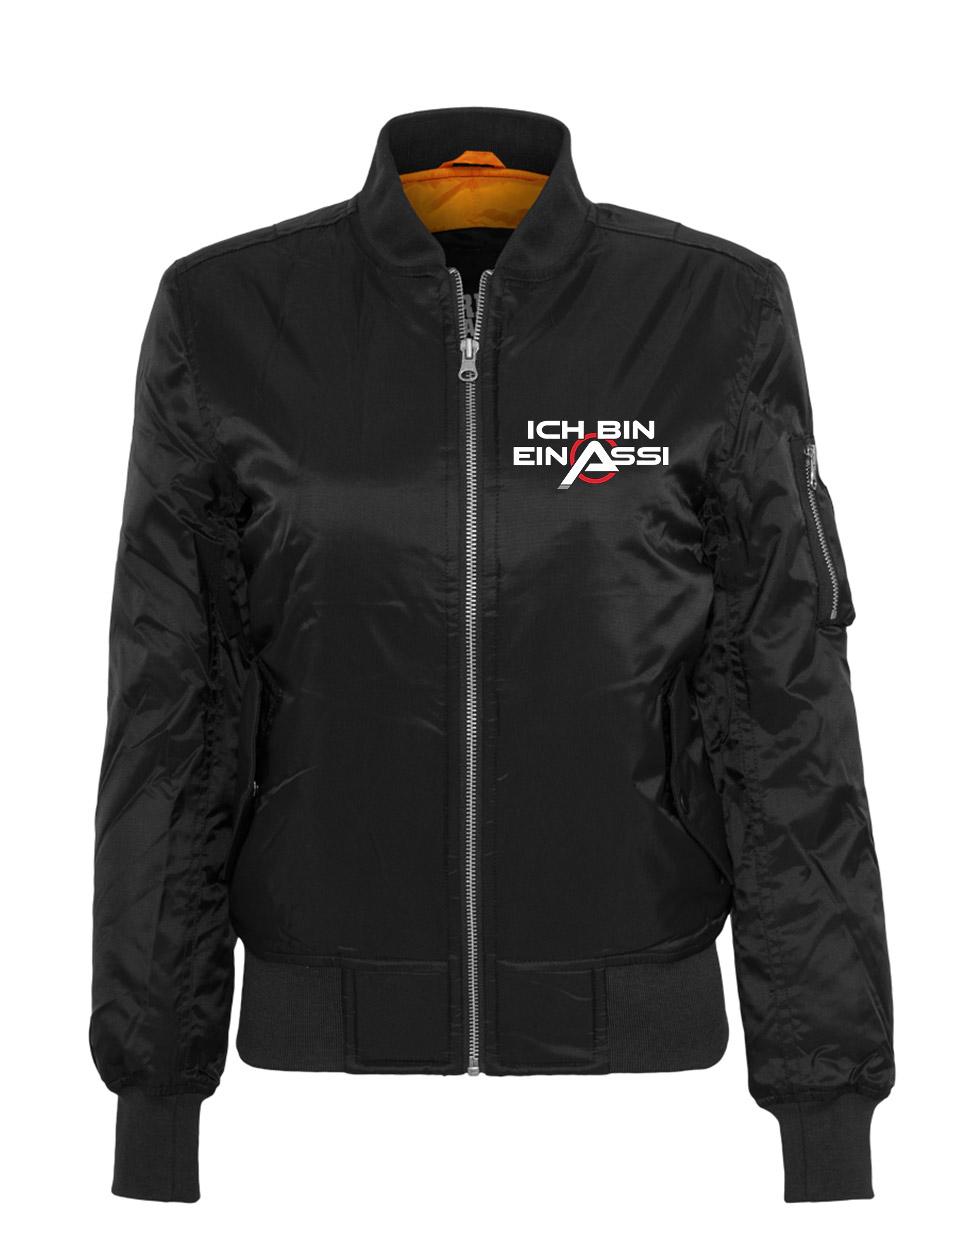 Ich bin ein Assi Ladies Bomber Jacket mehrfarbig auf schwarz